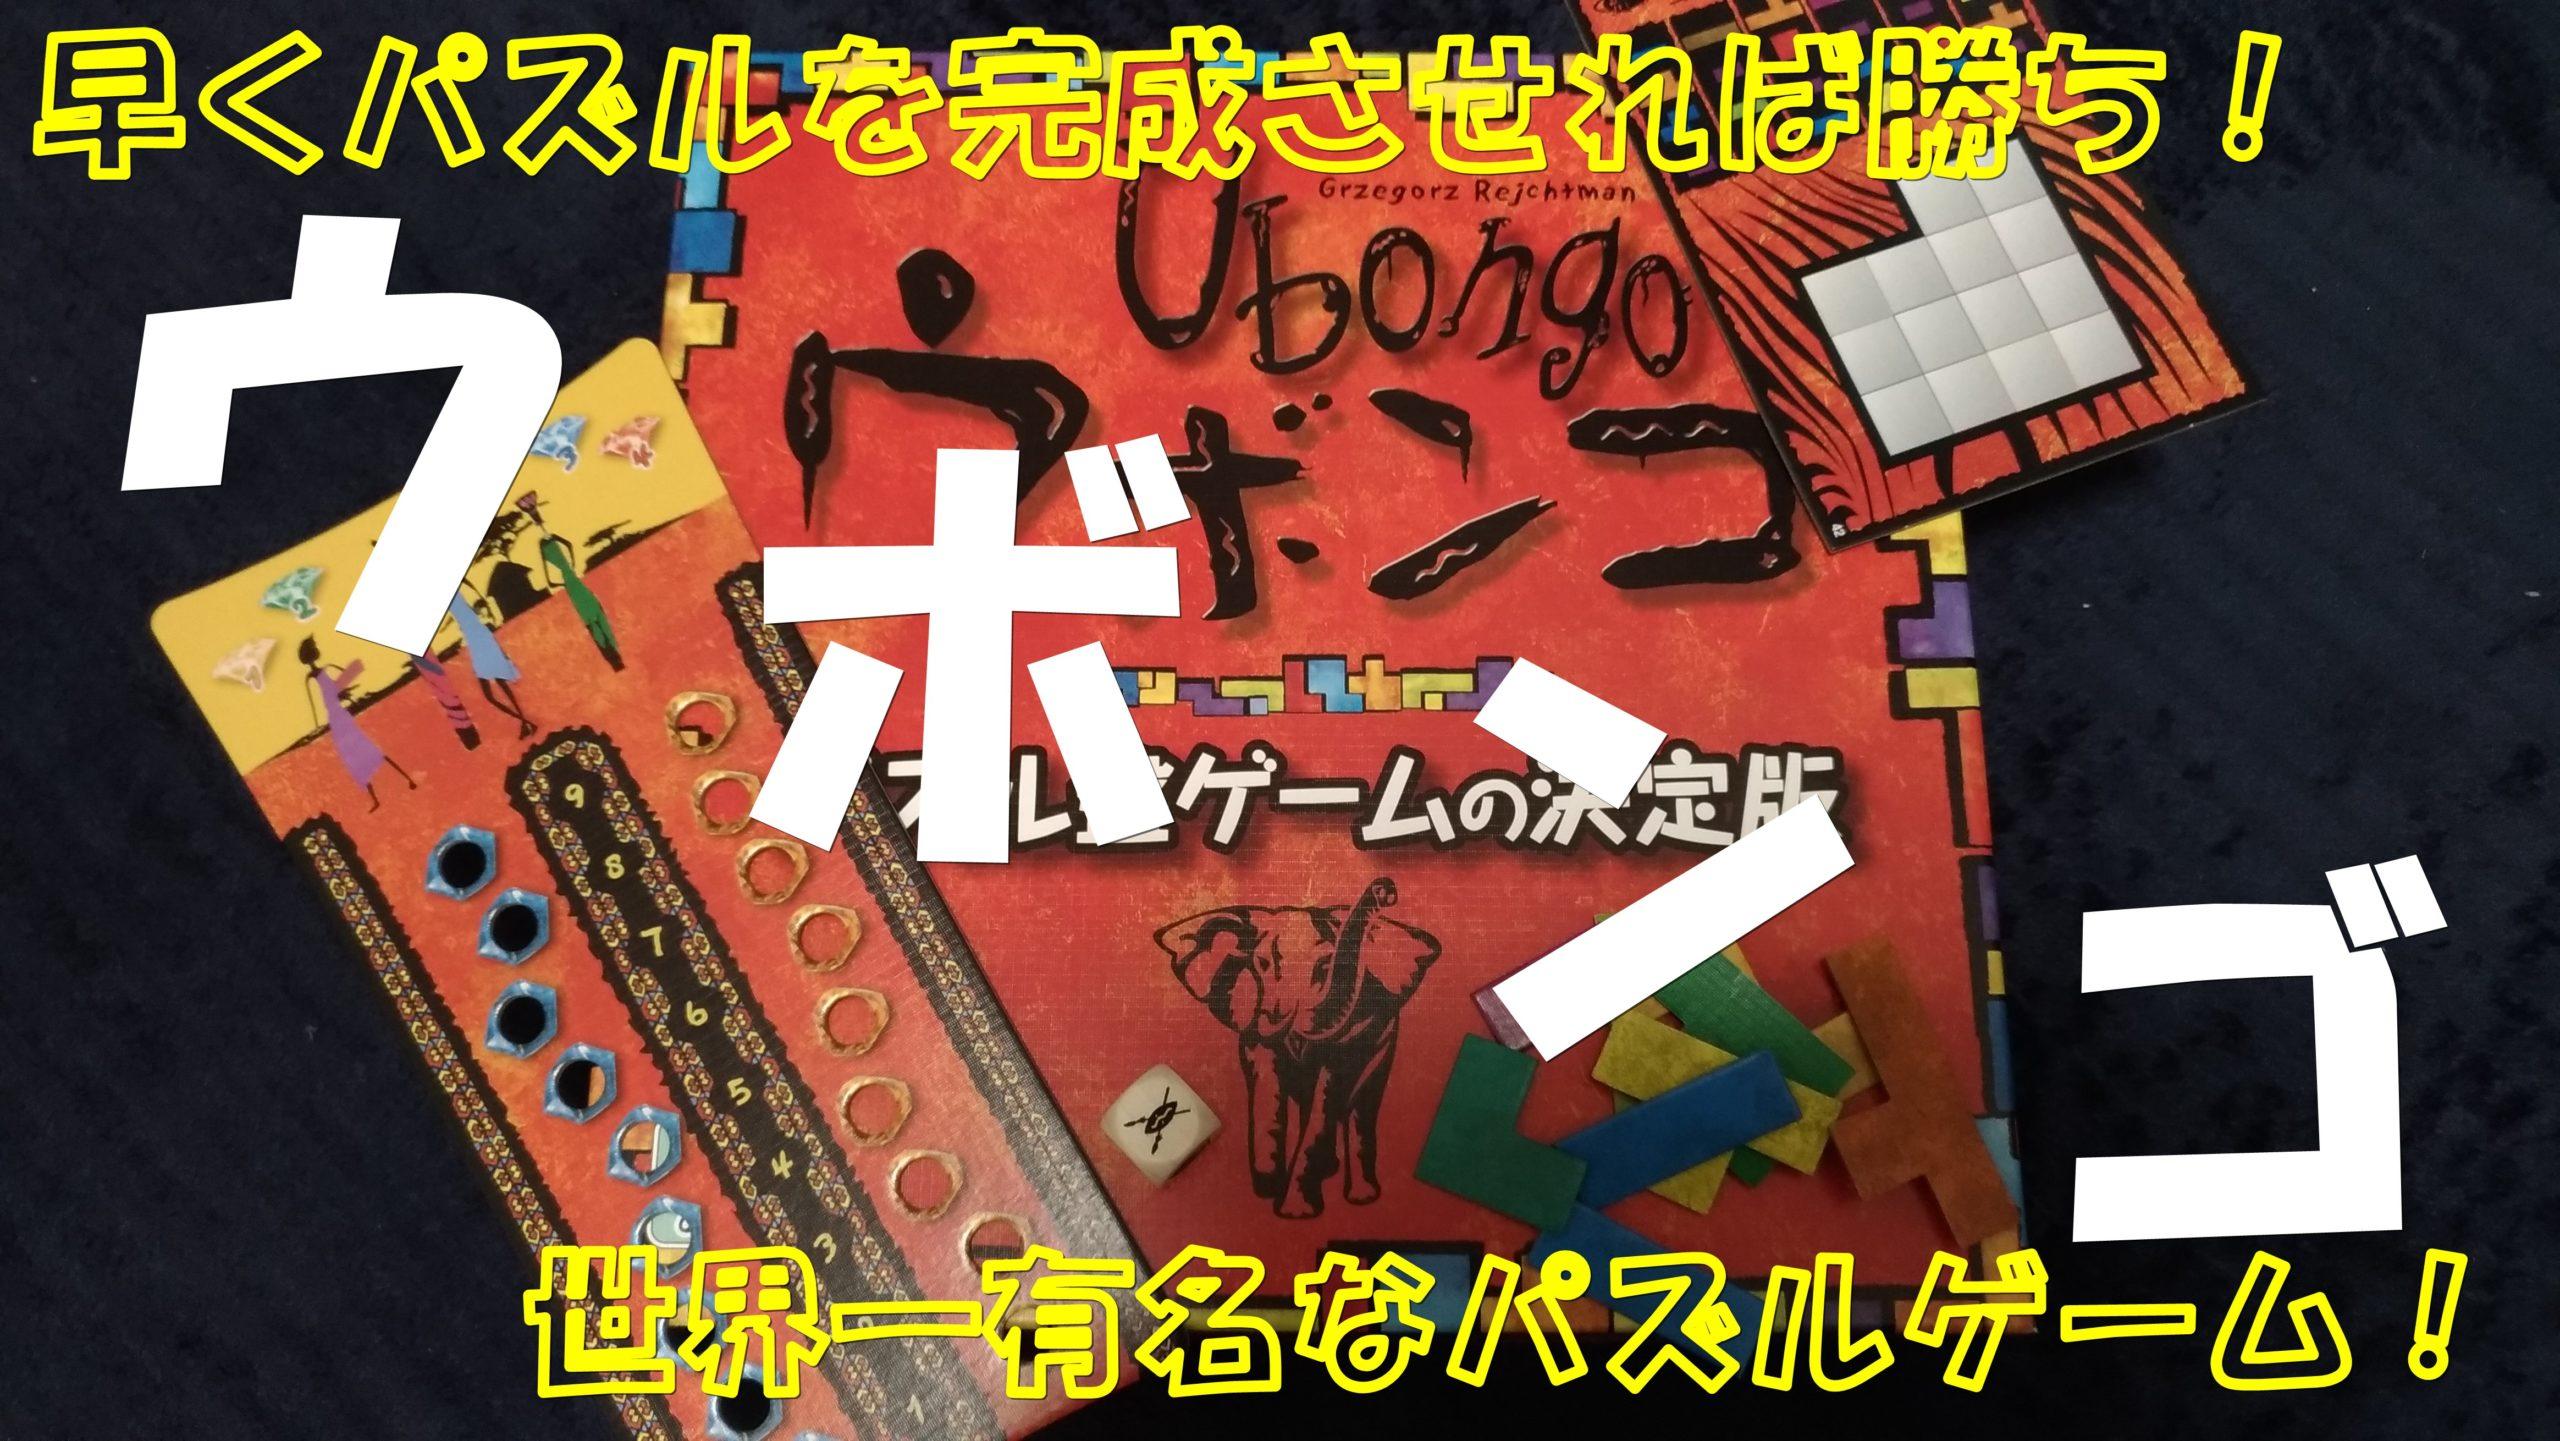 【ボドゲ紹介】ウボンゴ(Ubongo)【ルール&レビュー】